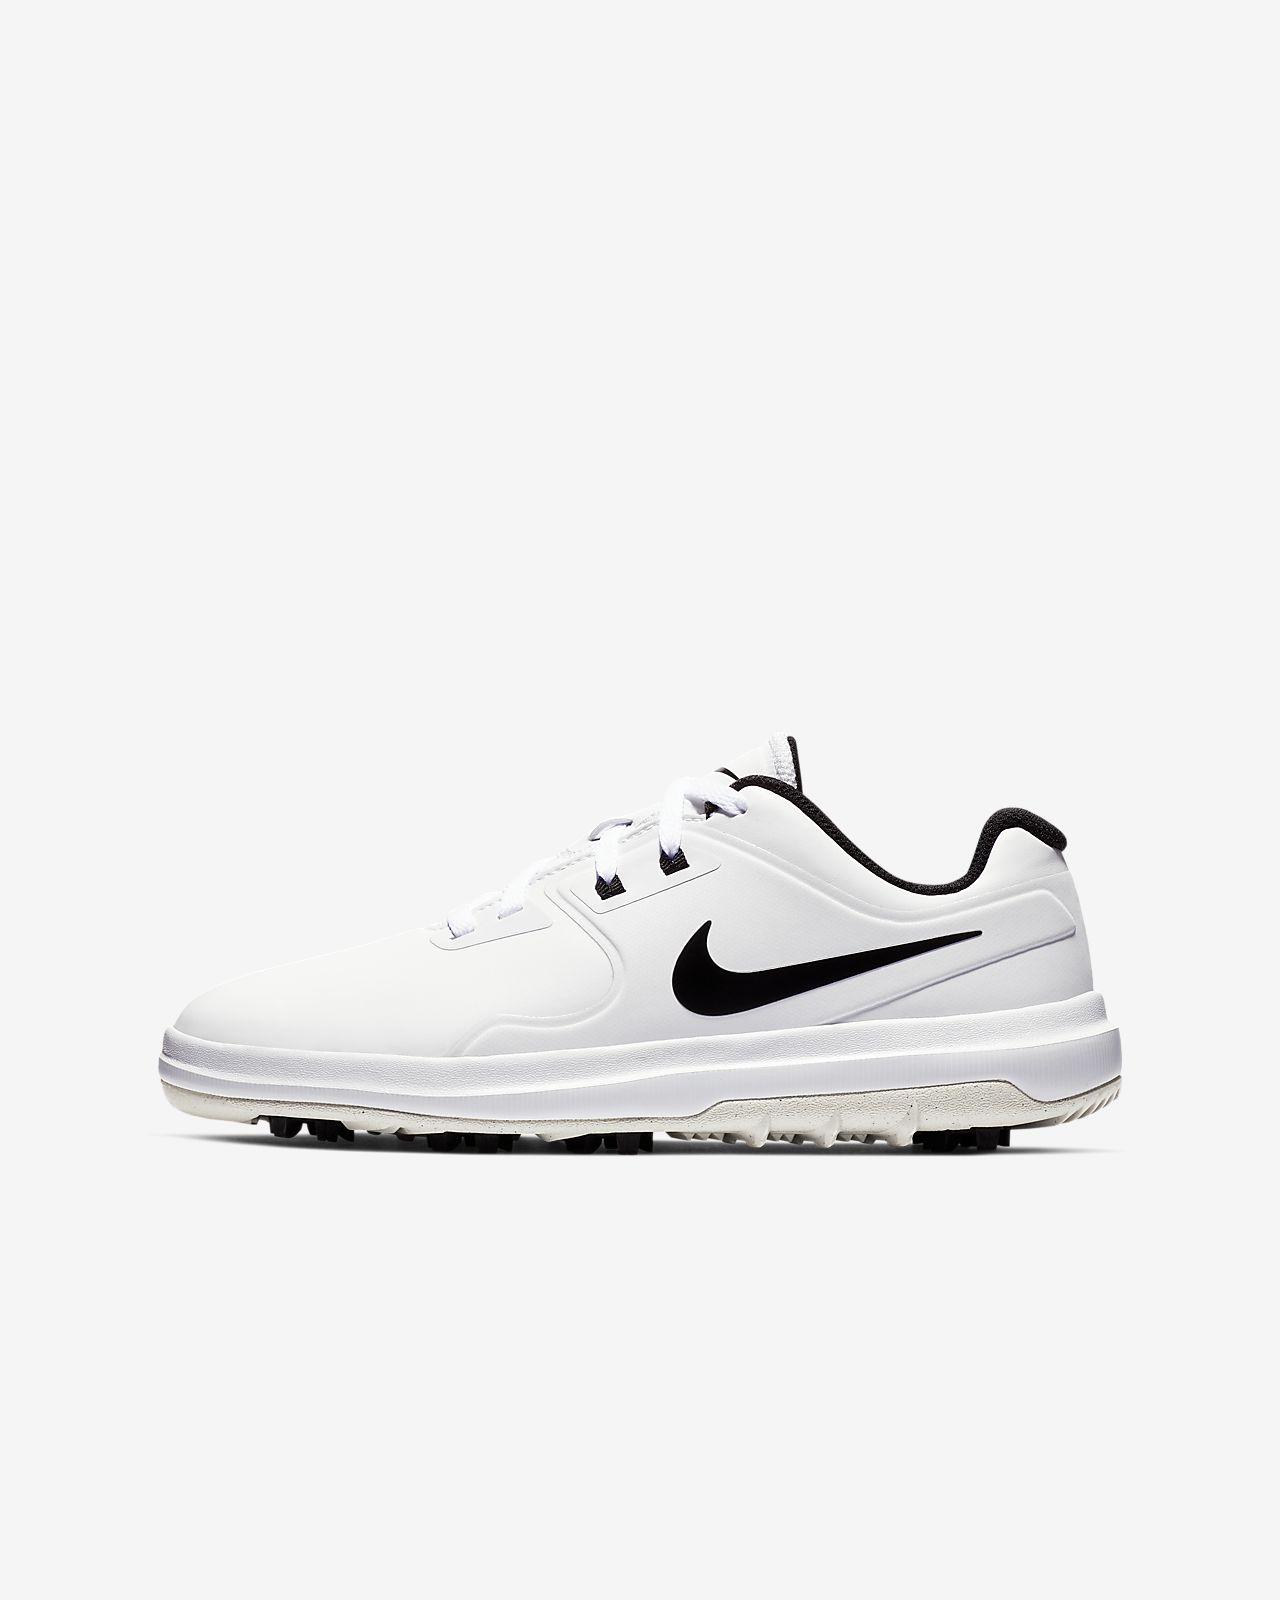 d3474b457eb1b ... Chaussure de golf Nike Vapor Pro Jr. pour Jeune enfant Enfant plus âgé